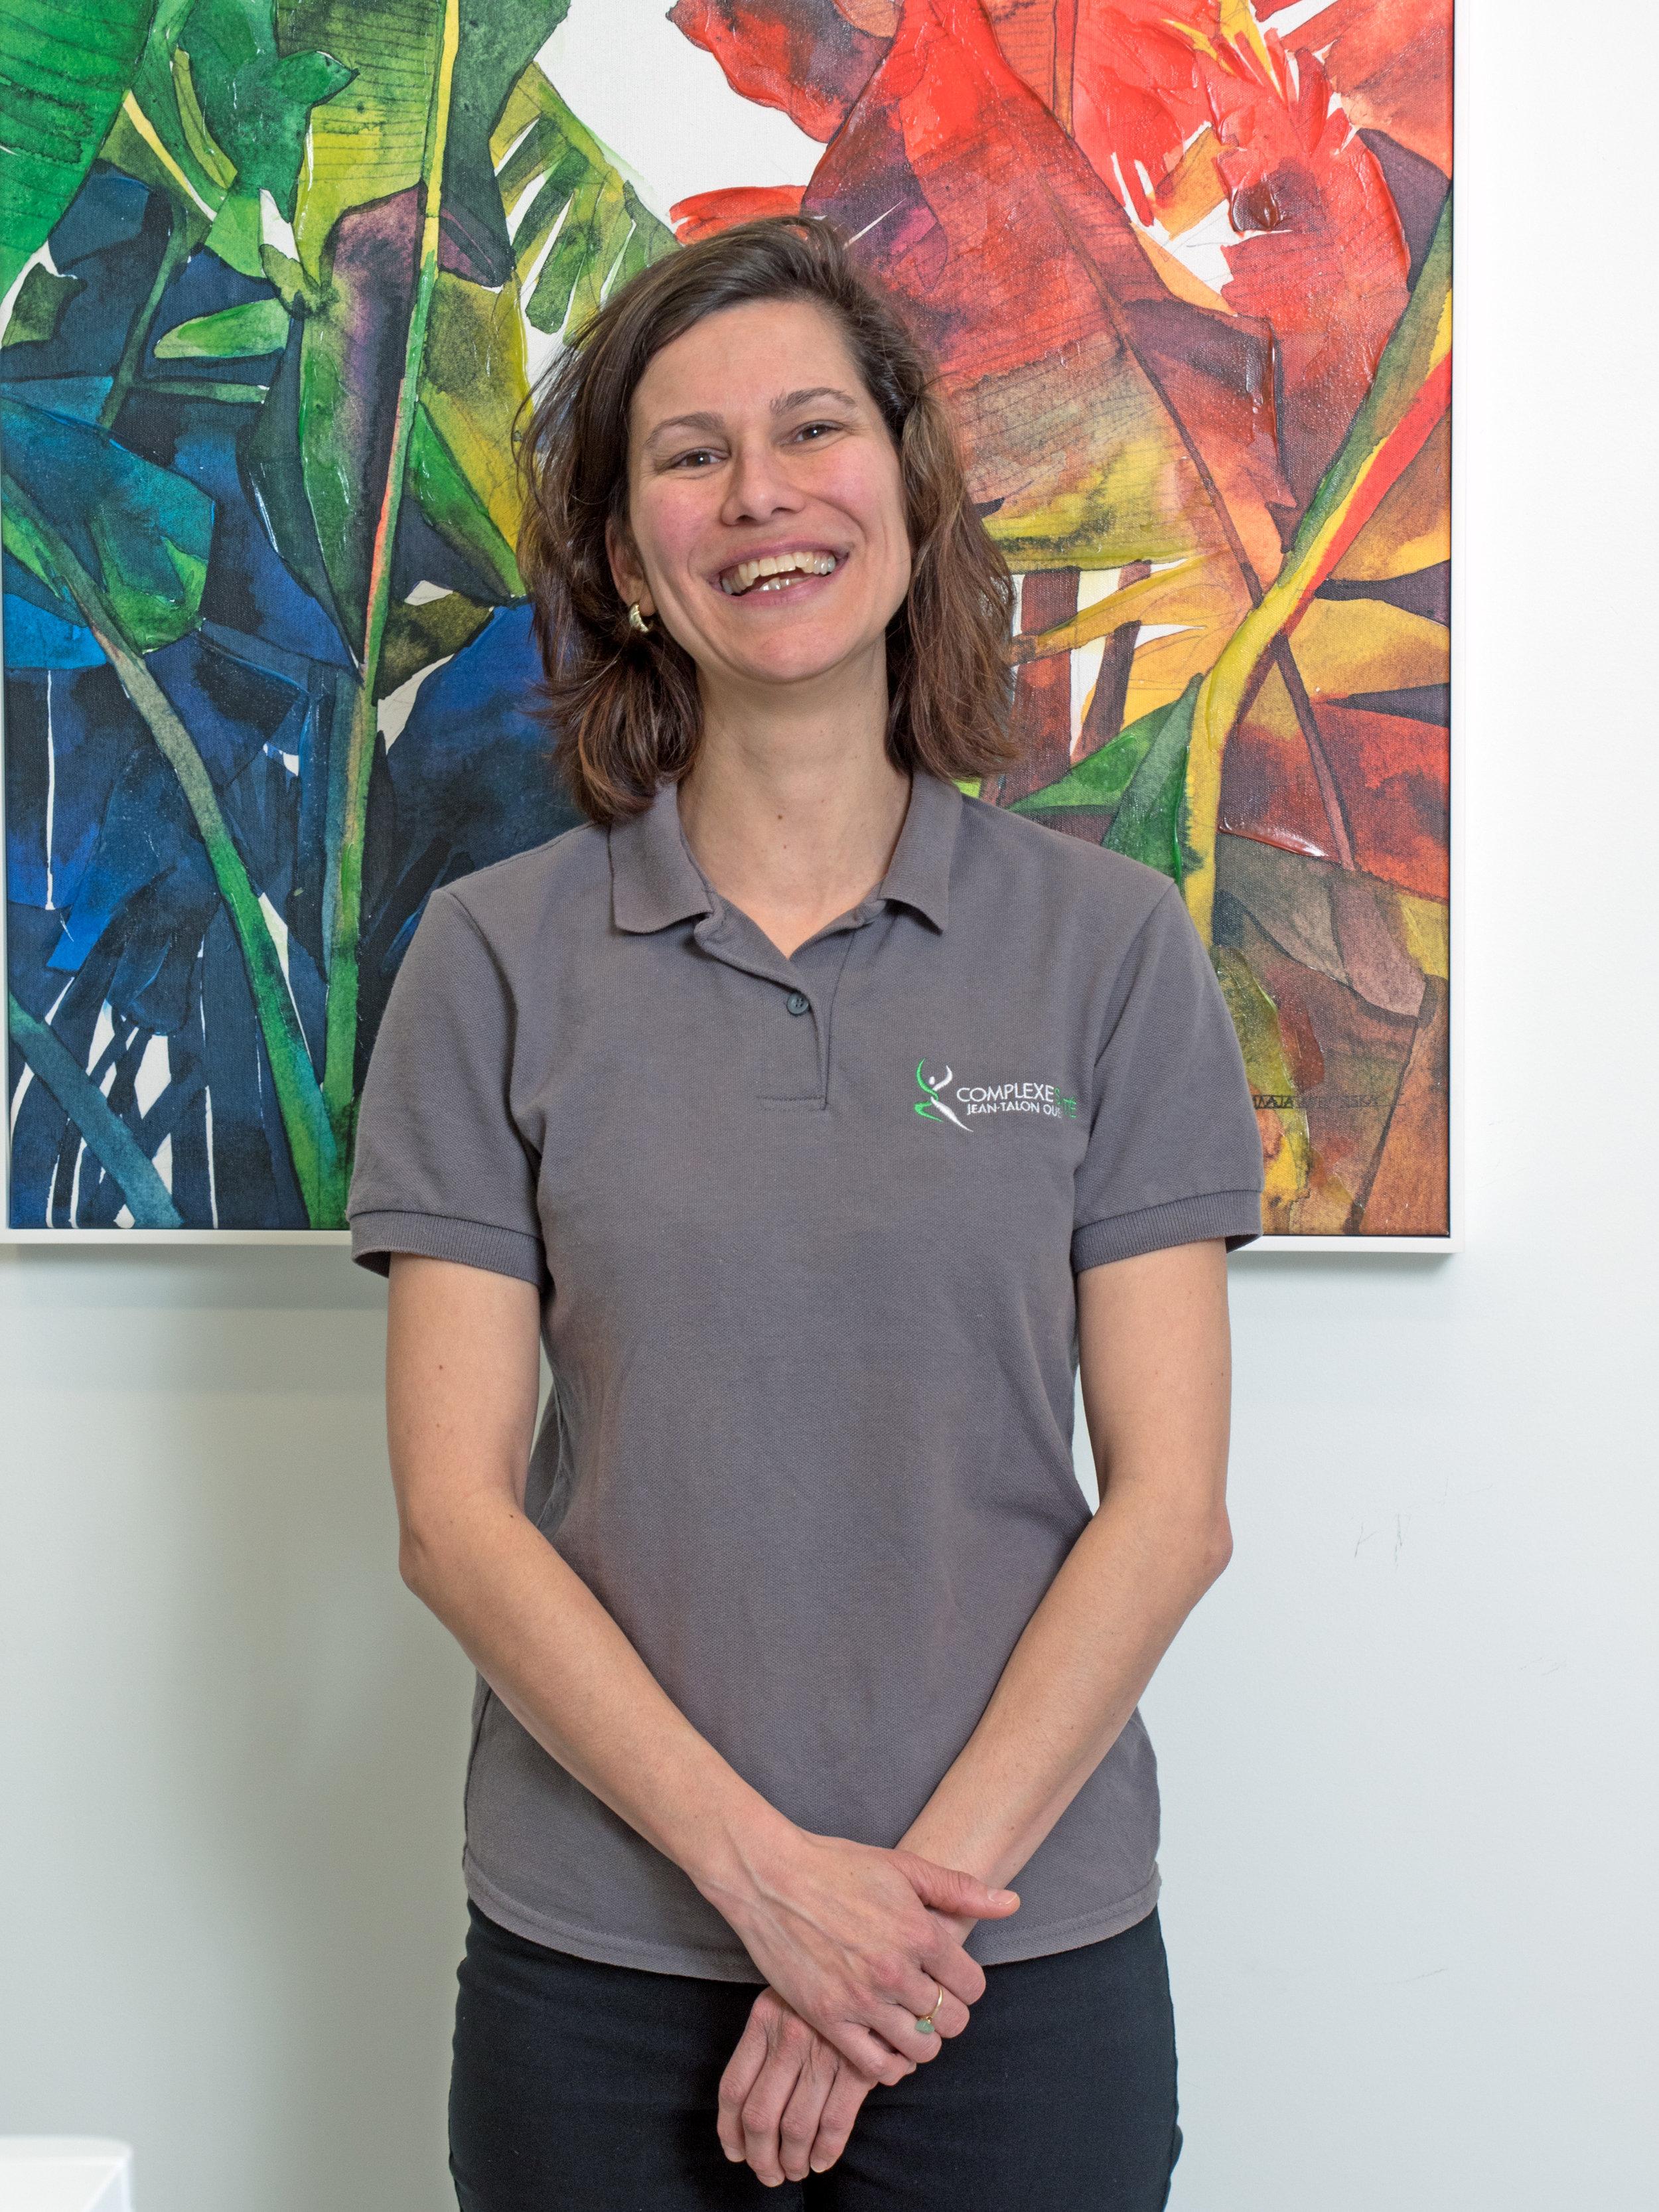 Mélissa Caron  Massothérapeute   Mélissa  est massothérapeute et membre de l'Association des massothérapeutes professionnels du Québec depuis 2002.  Elle cumule plus de 10 années d'expérience en massothérapie et plus de 5 années d'expérience comme assistante physiothérapeute. Elle détient plusieurs formations en massothérapie (suédois cinétique, kinésithérapie, californien, drainage lymphatique, femme enceinte, sportif) et peut travailler avec une clientèle variée.